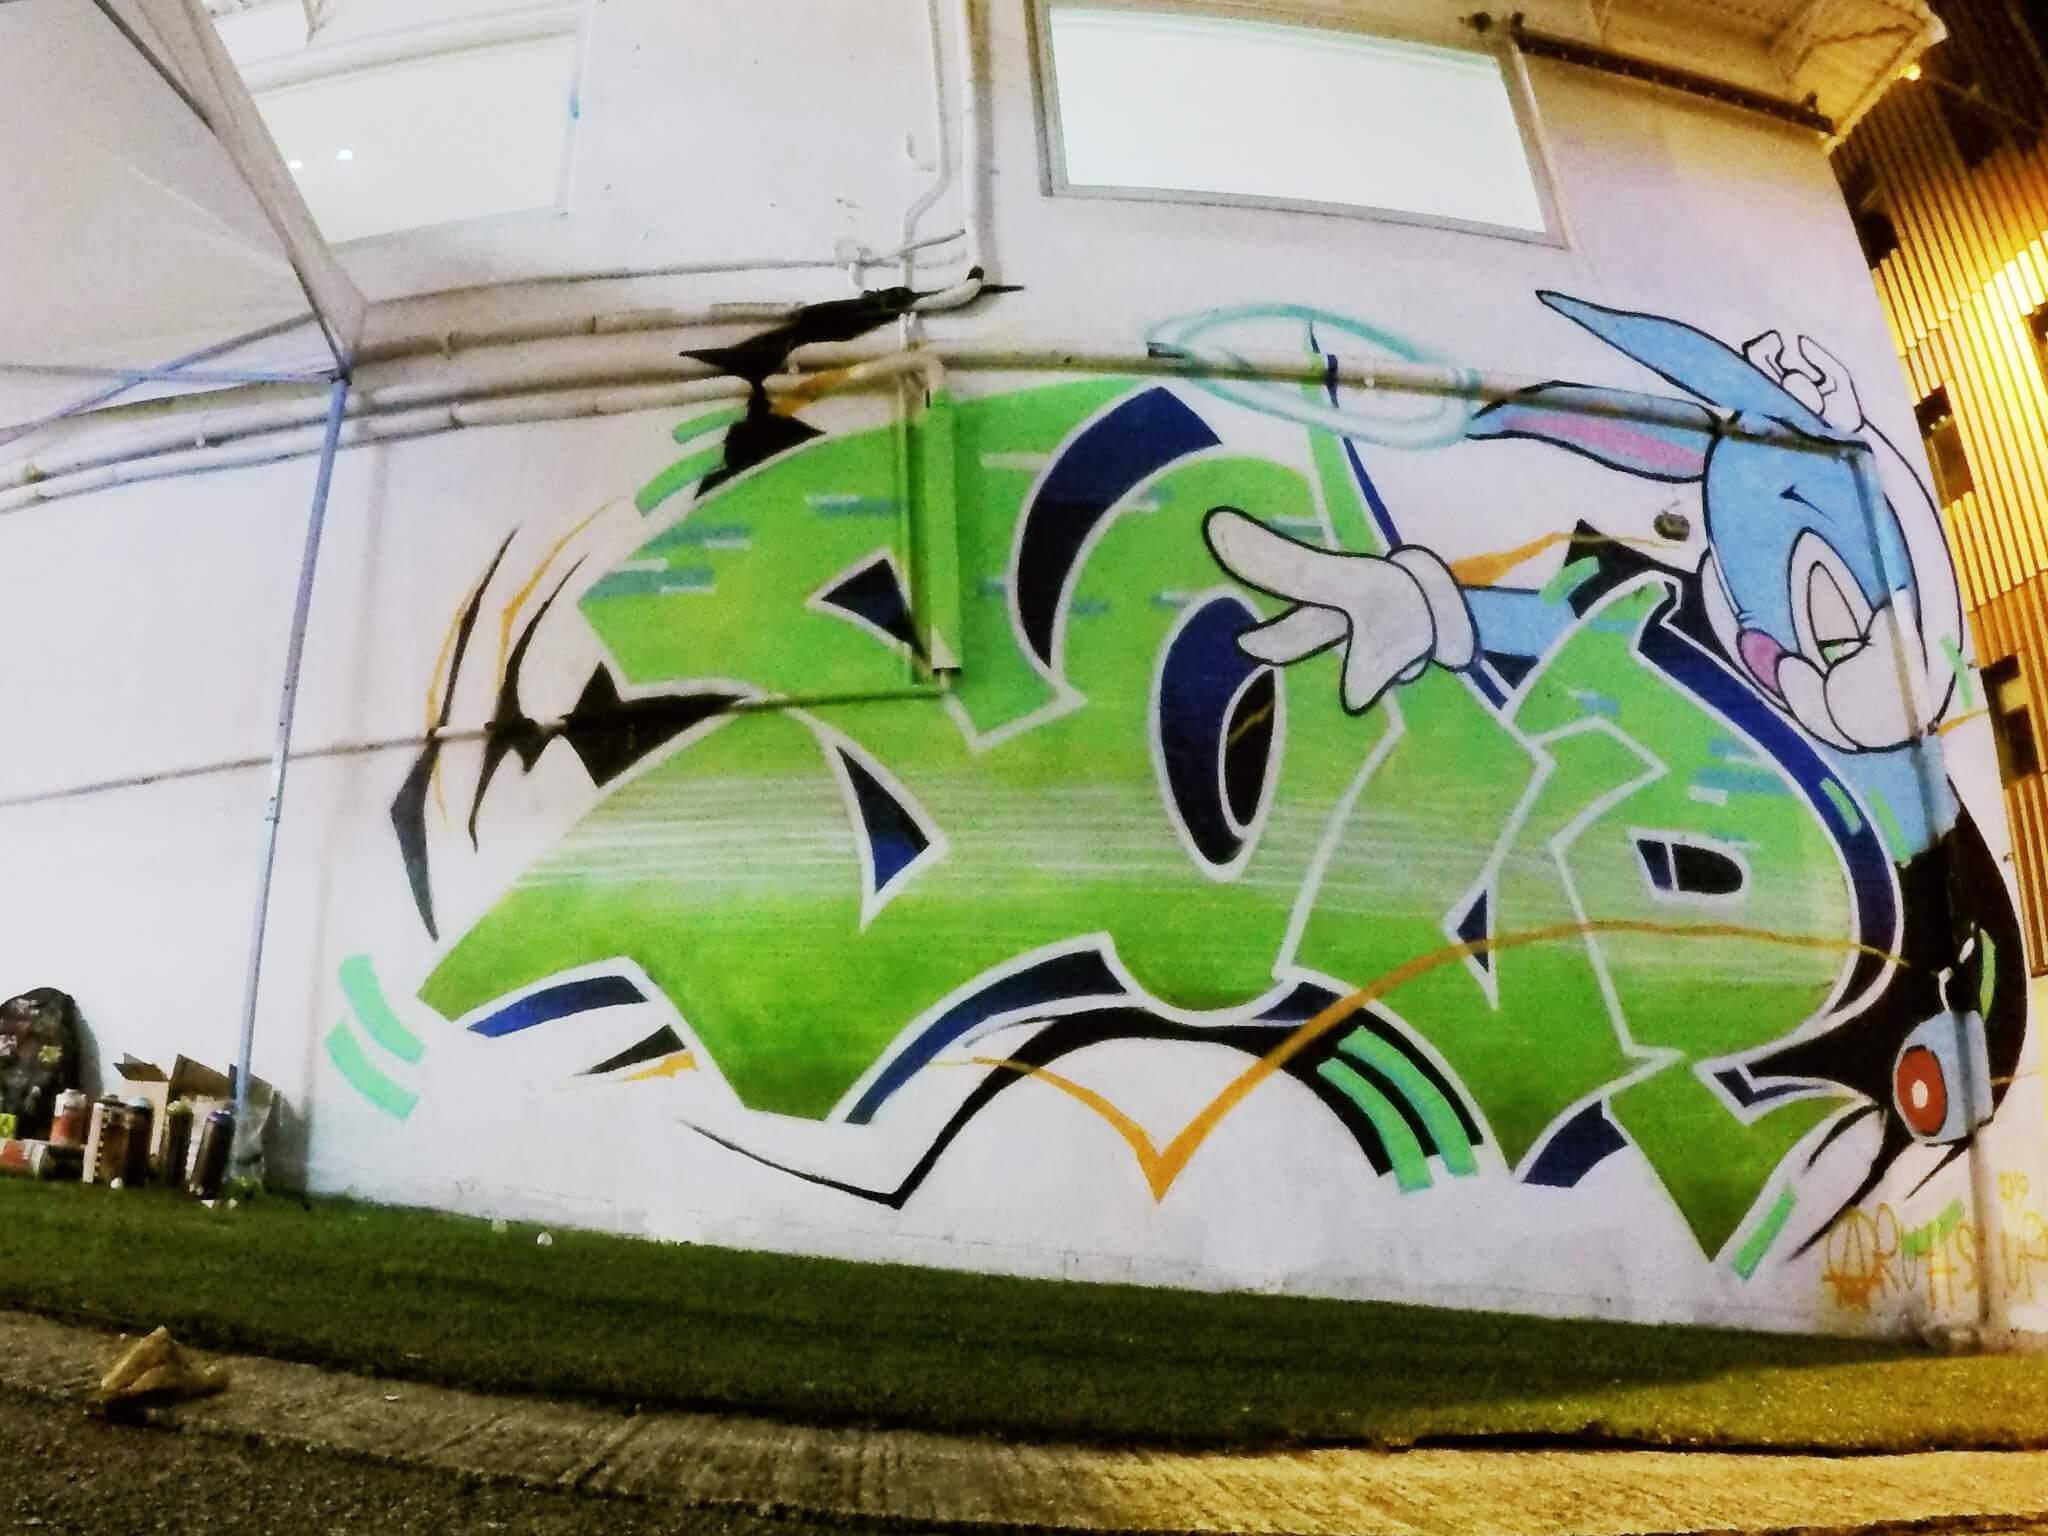 aruta-soup-hong-kong-mural-art